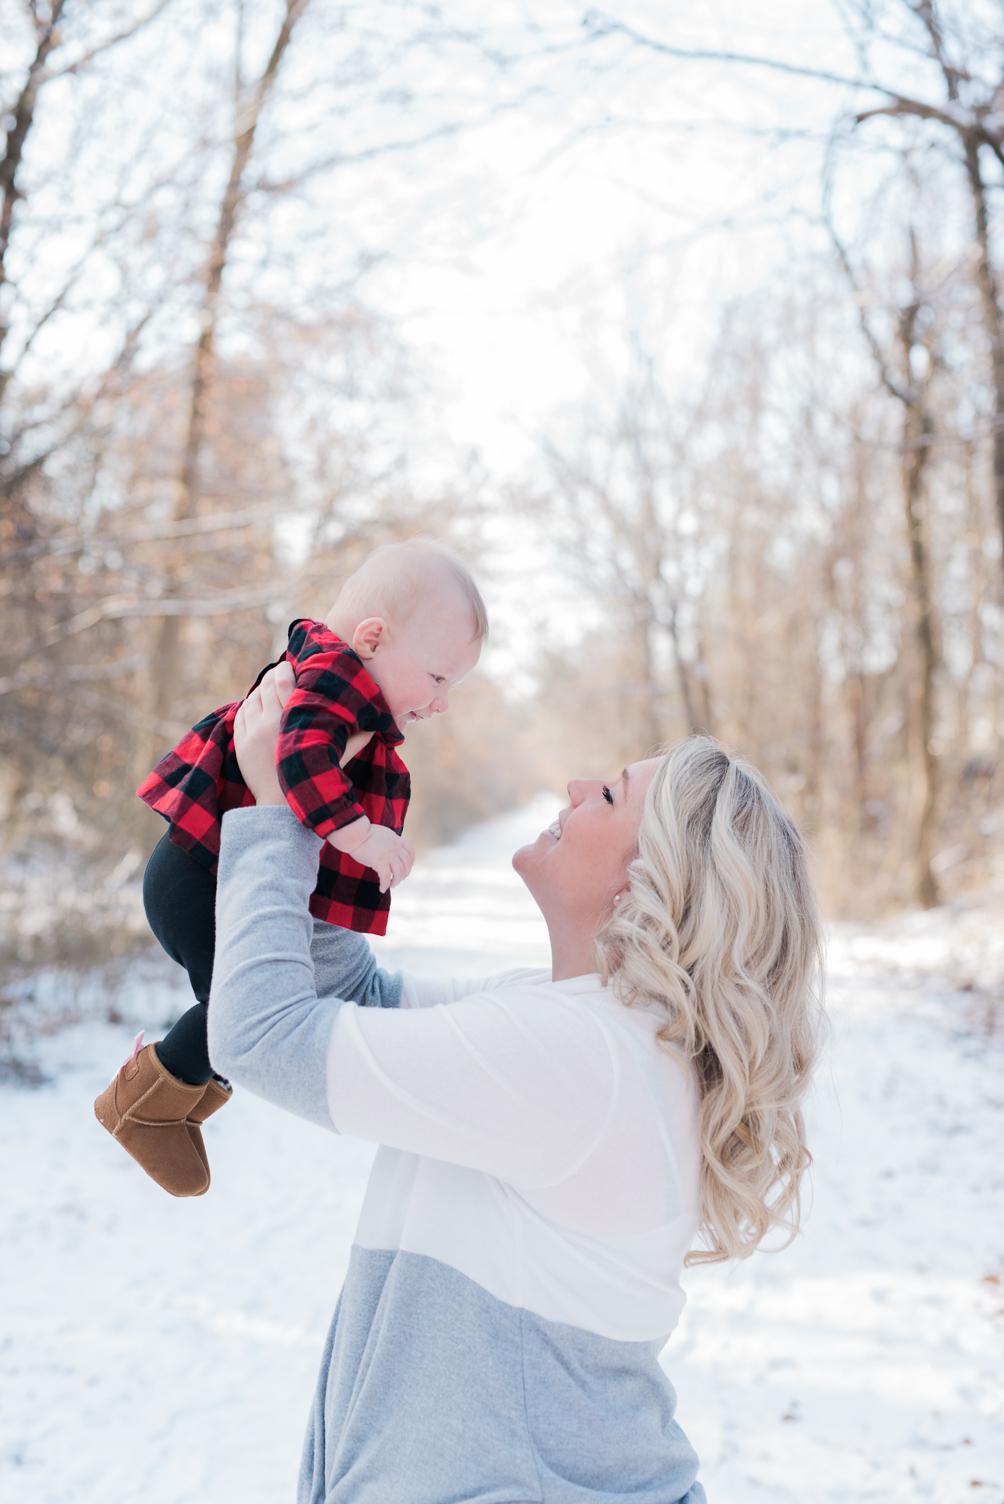 Baltimore-Harford County-Maryland-Family-lifestyle-photographer-breanna kuhlmann-14.jpg